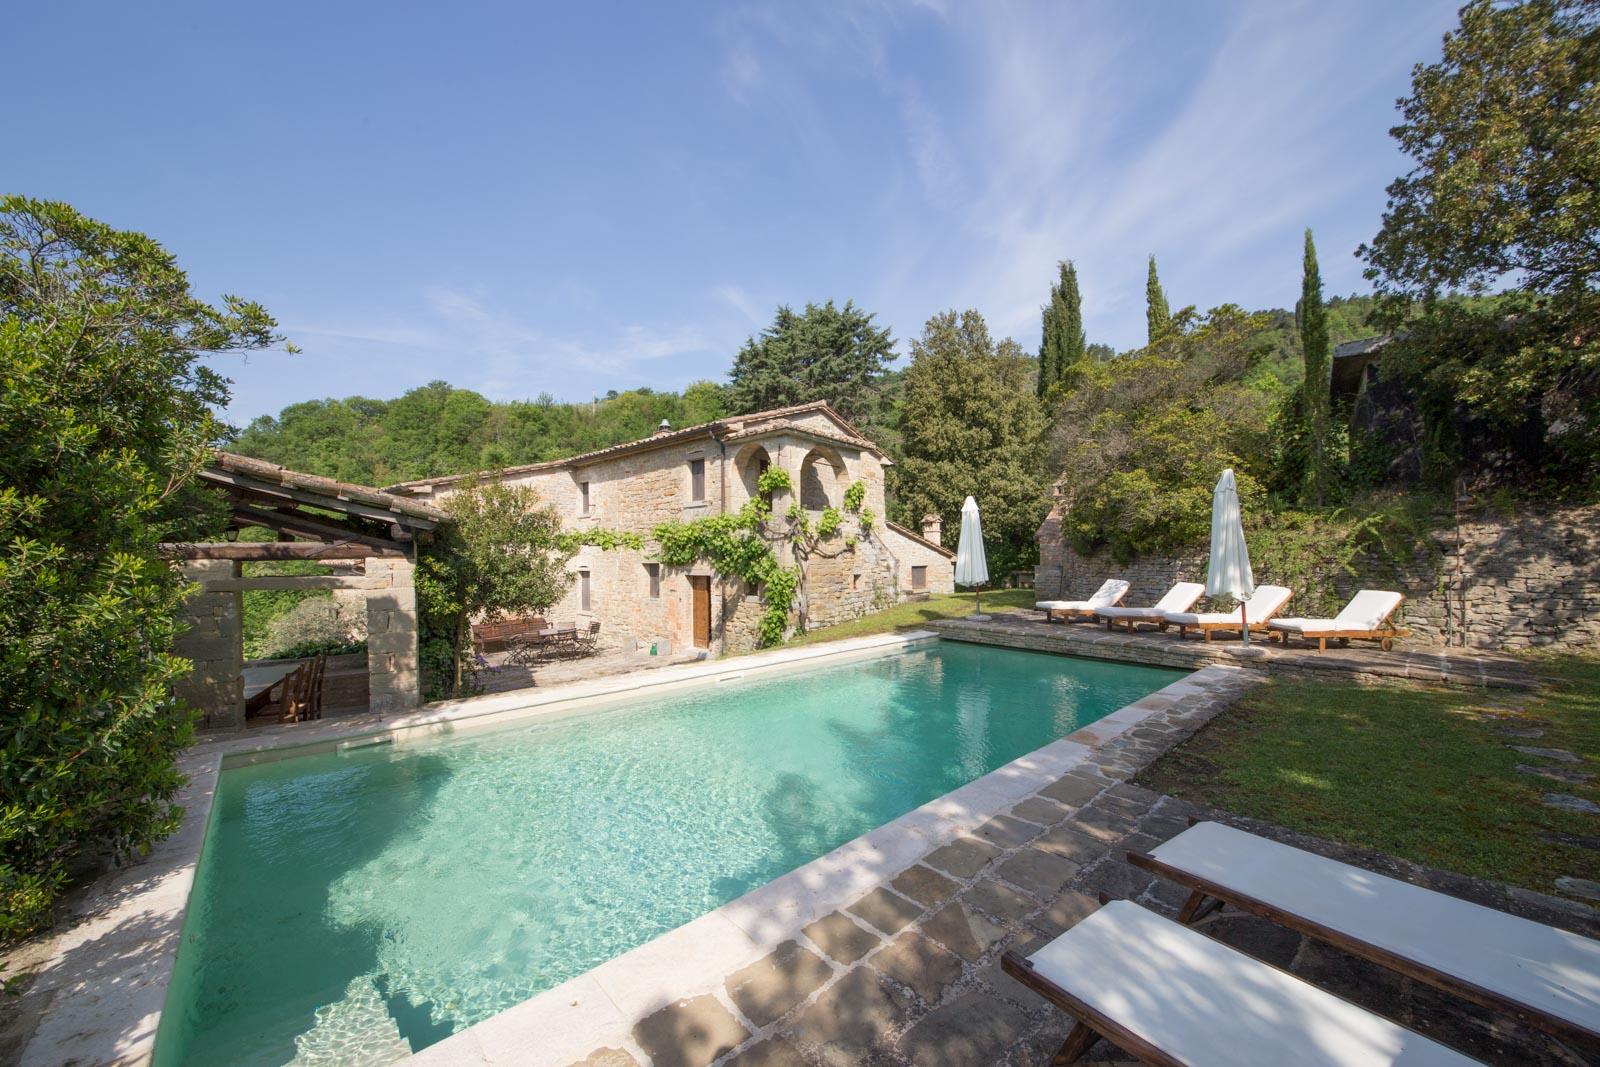 Schönes Bauernhaus aus Naturstein mit Pool in Panoramalage in der Nähe von Montone in Umbrien